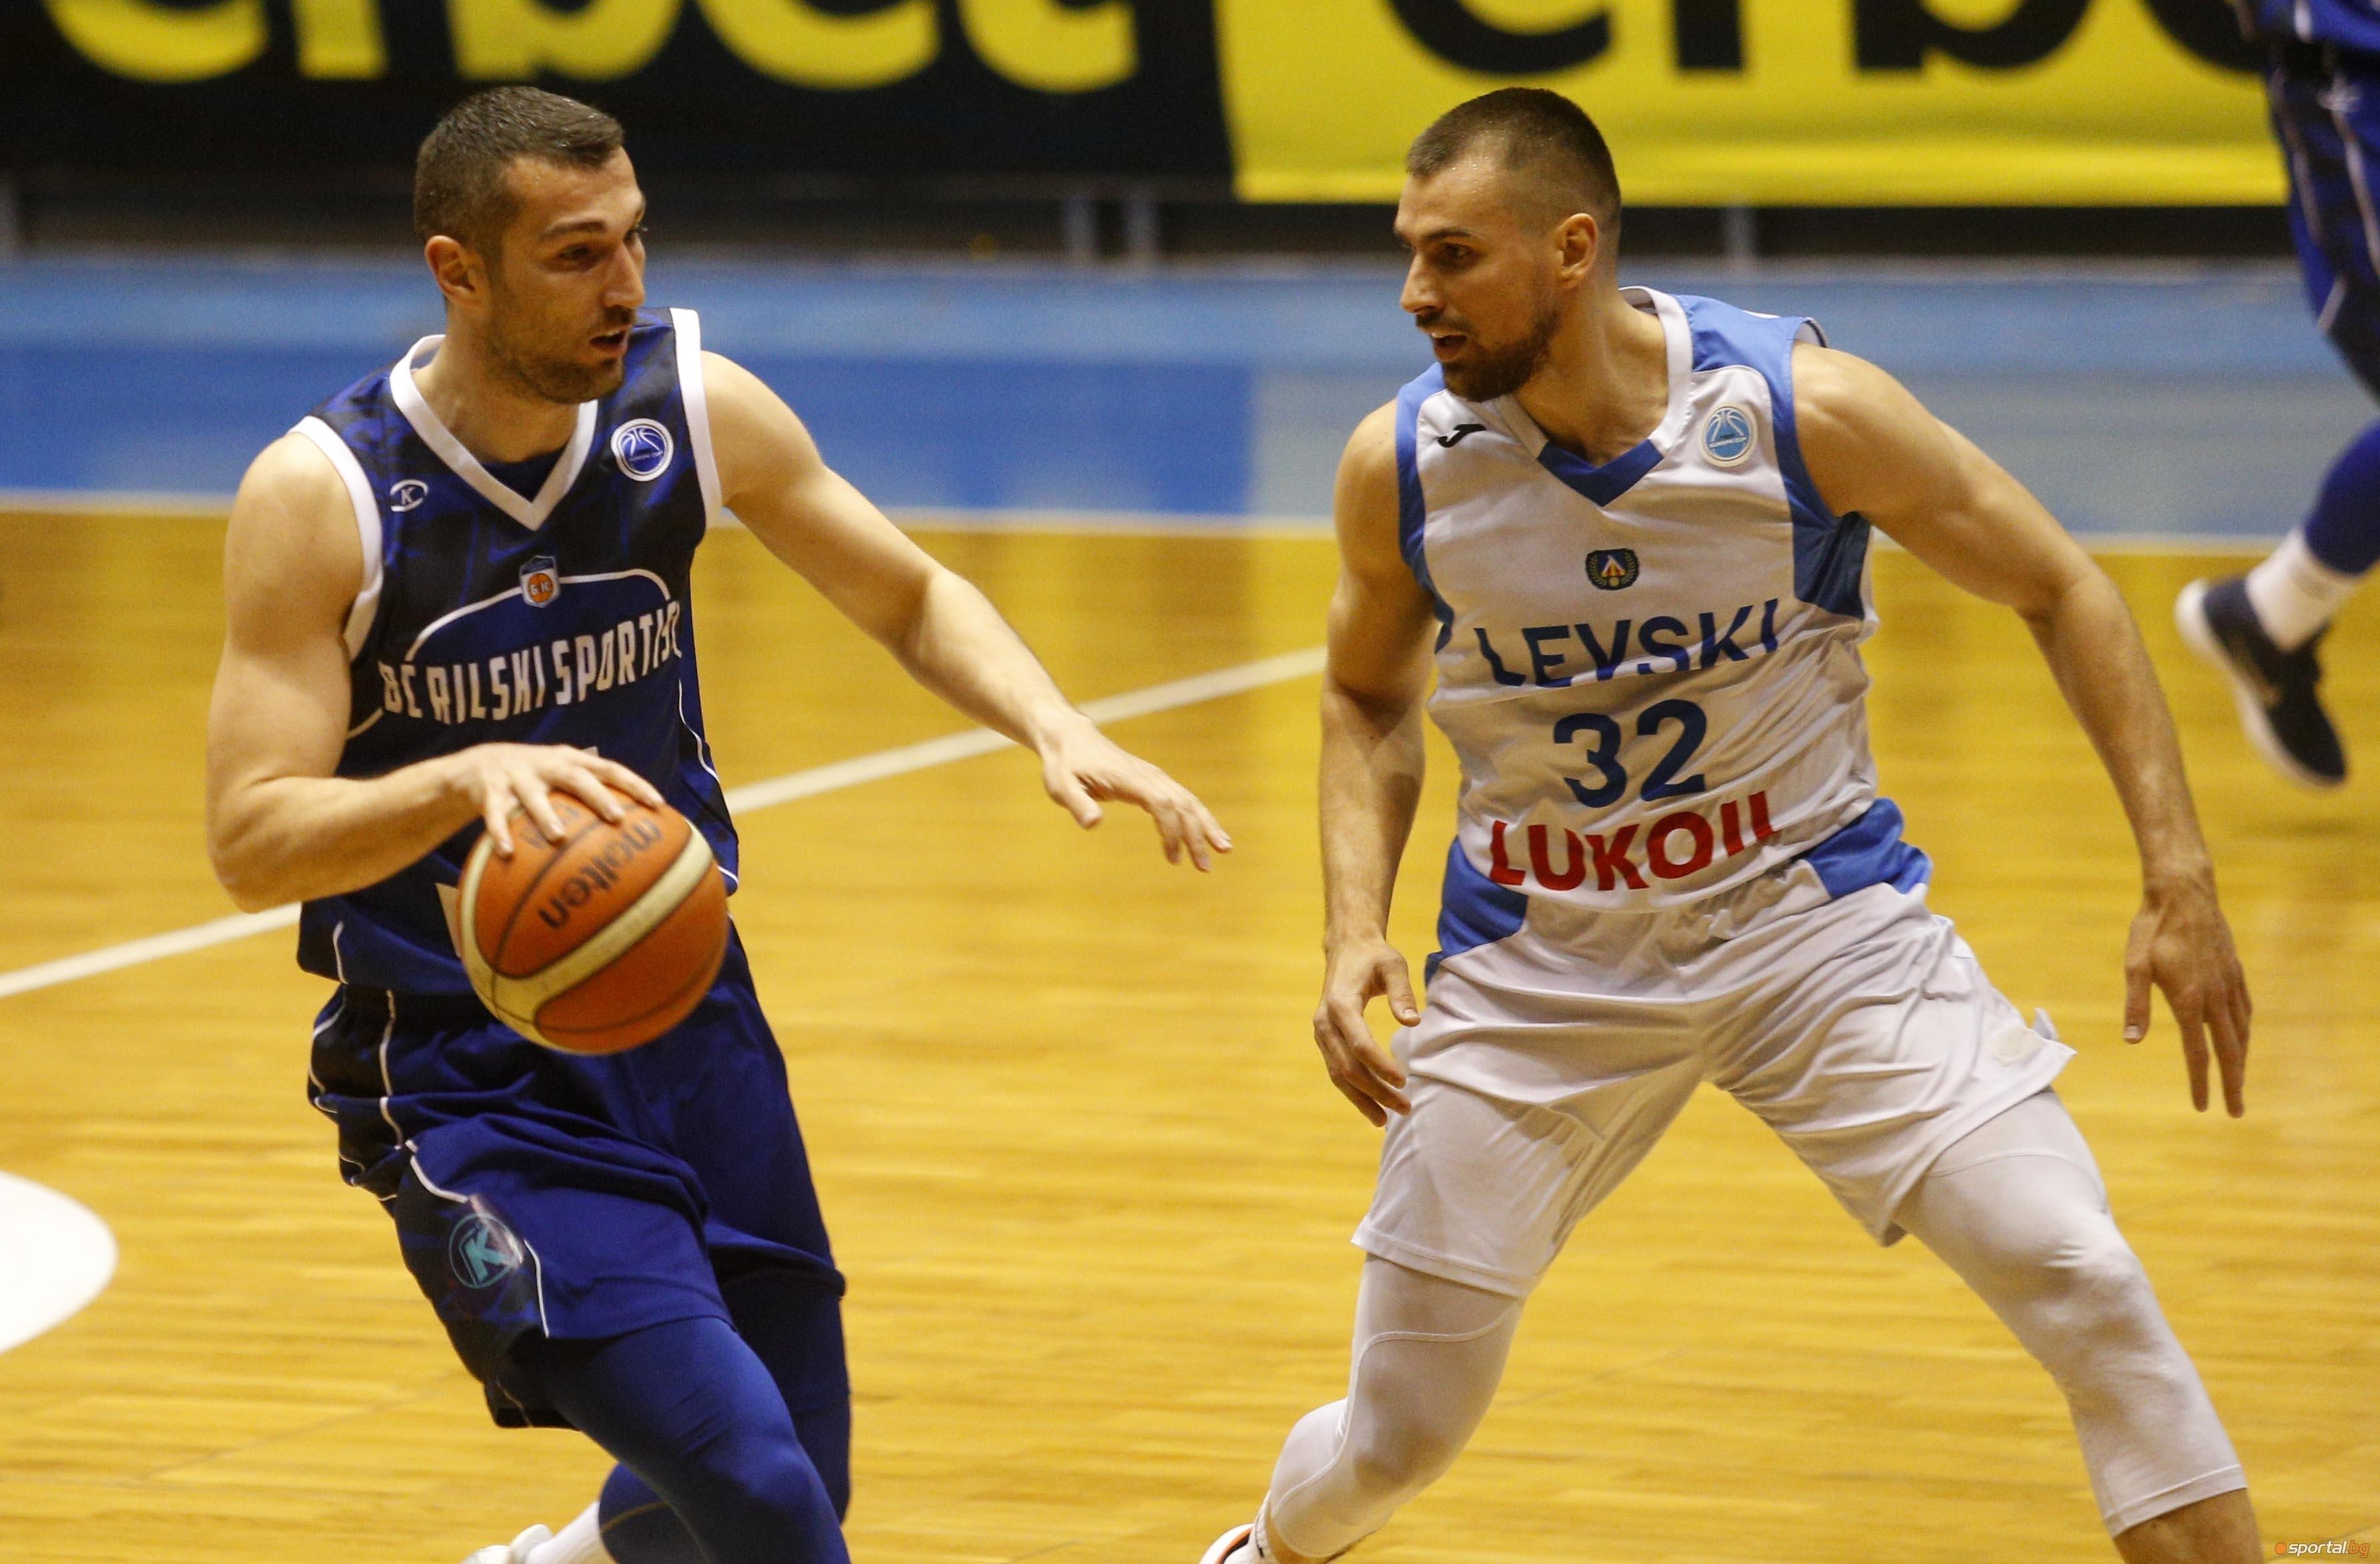 Отборът на Рилски спортист (Самоков) записа най-впечатляващата си победа от